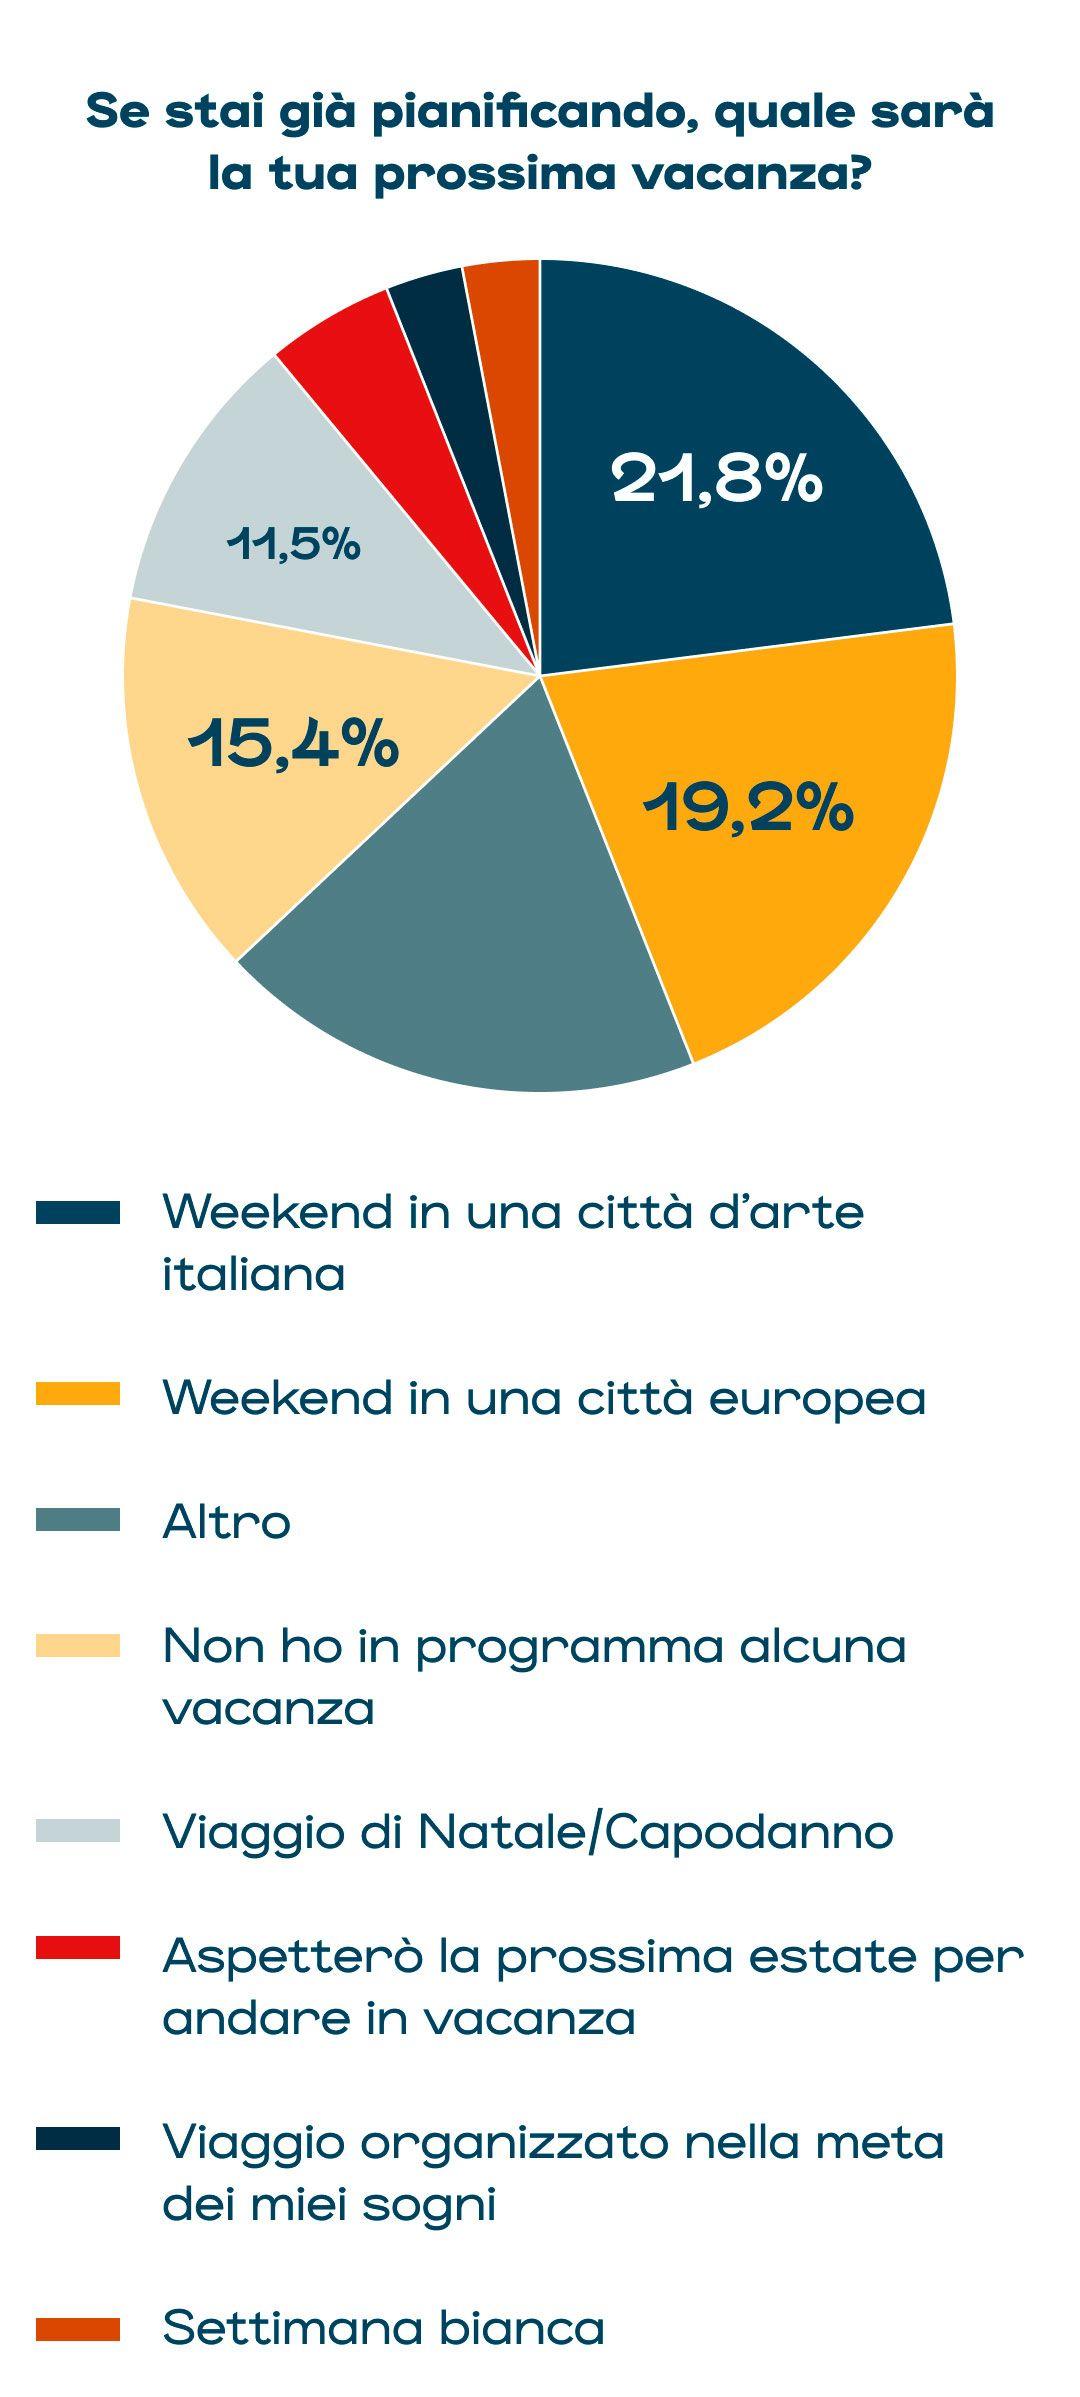 le destinazioni scelte dagli italiani per le prossime vacanze